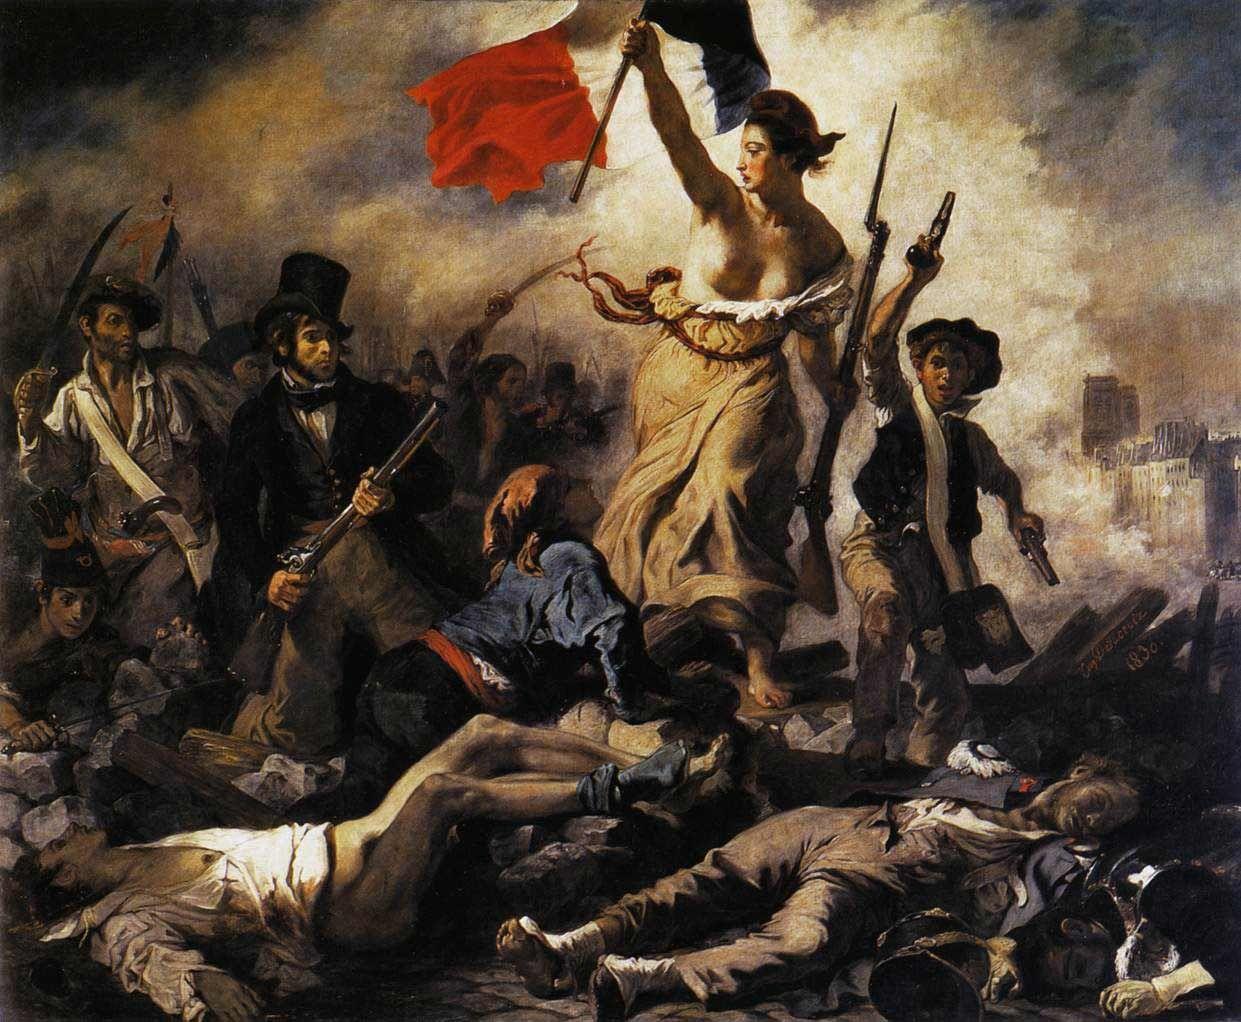 Inégalités : le livre perturbant qui soutient que seules les guerres ou les destructions ont permis de remettre les pendules à zéro au cours de l'histoire